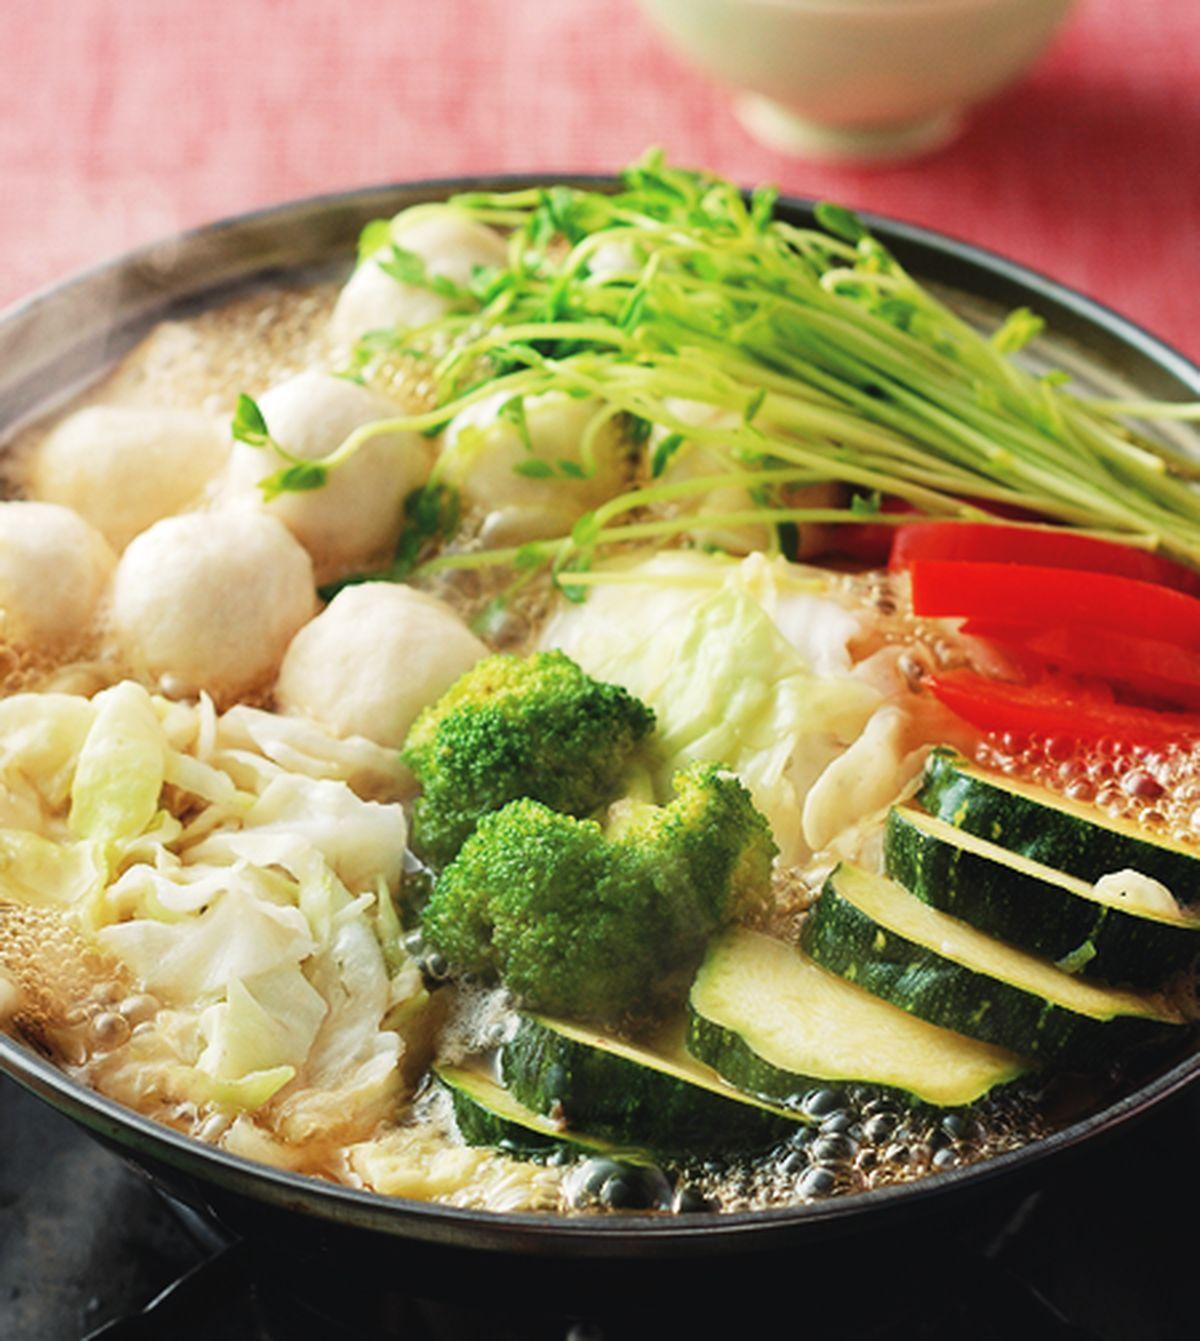 食譜:鱈魚丸高麗菜鍋